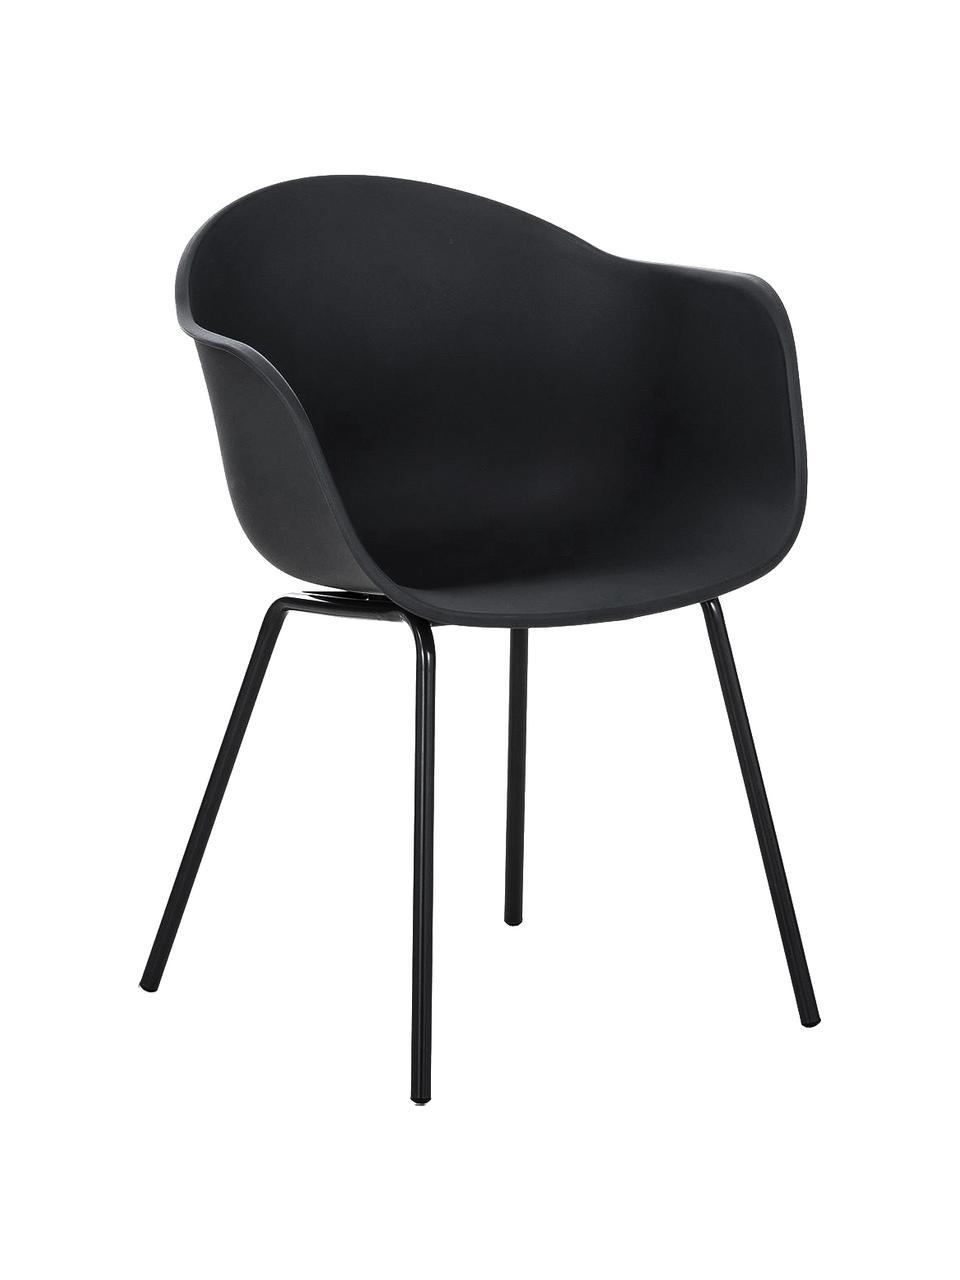 Sedia con braccioli e gambe in metallo Claire, Seduta: materiale sintetico, Gambe: metallo verniciato a polv, Nero, Larg. 60 x Prof. 54 cm